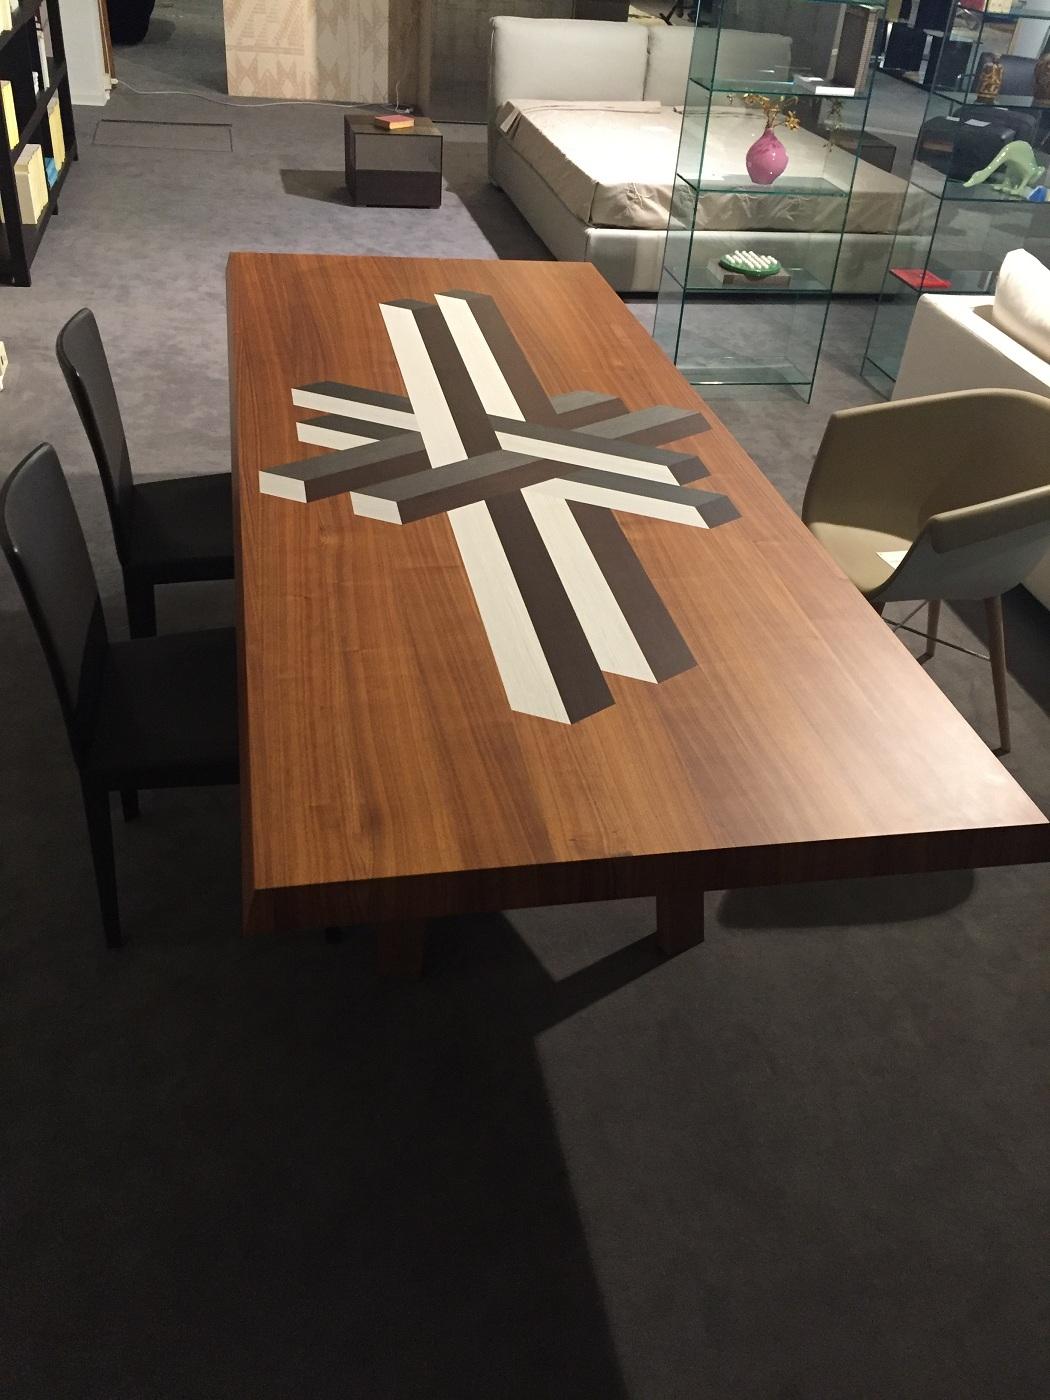 Tavoli da cucina rossetto a prezzo scontato tavoli a prezzi scontati - Rossetto mobili prezzi ...